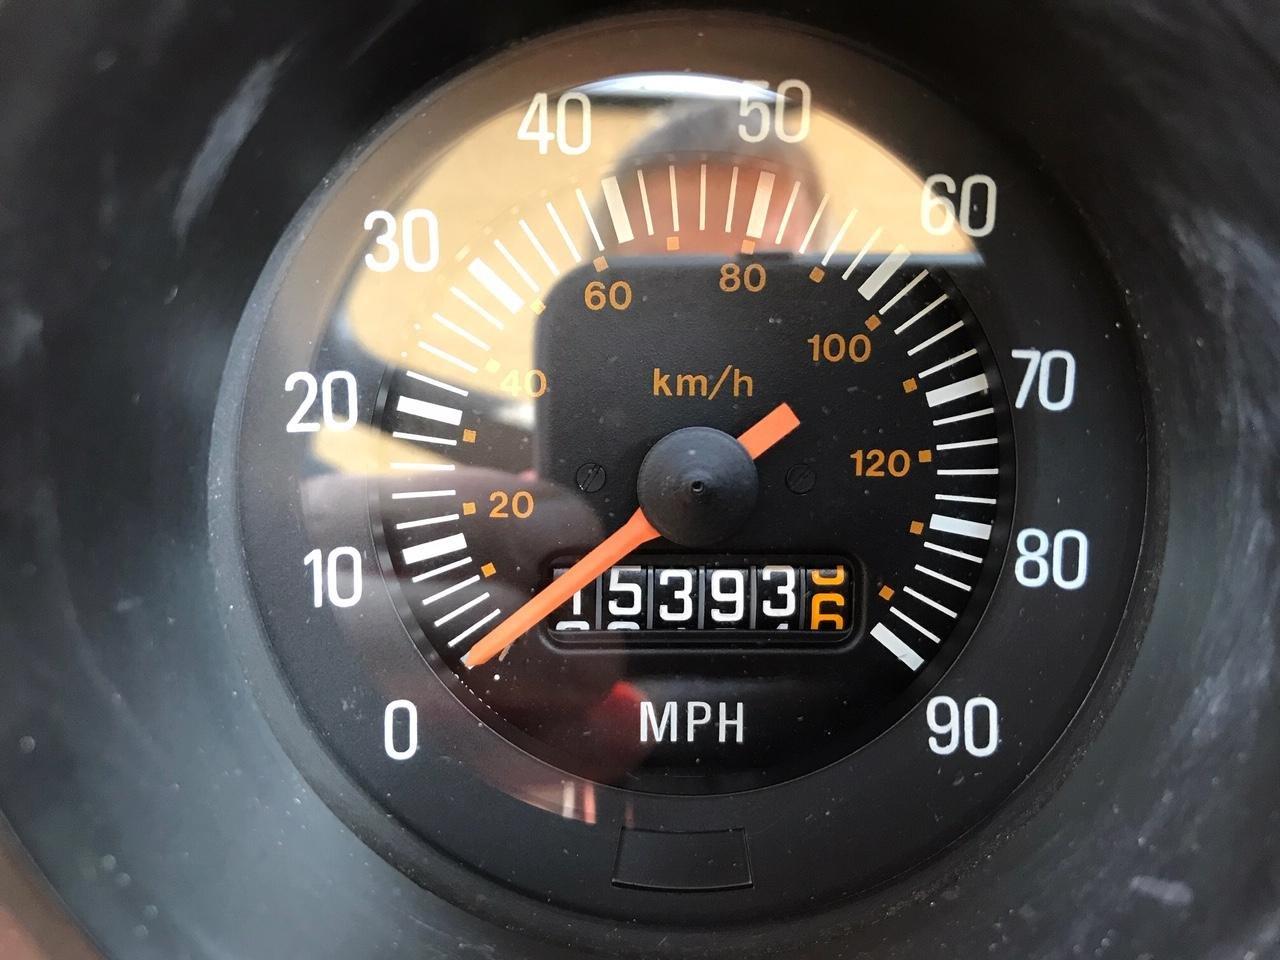 1986 Austin Mini 1000 City E - Genuine 15,000 Mile SOLD (picture 6 of 6)